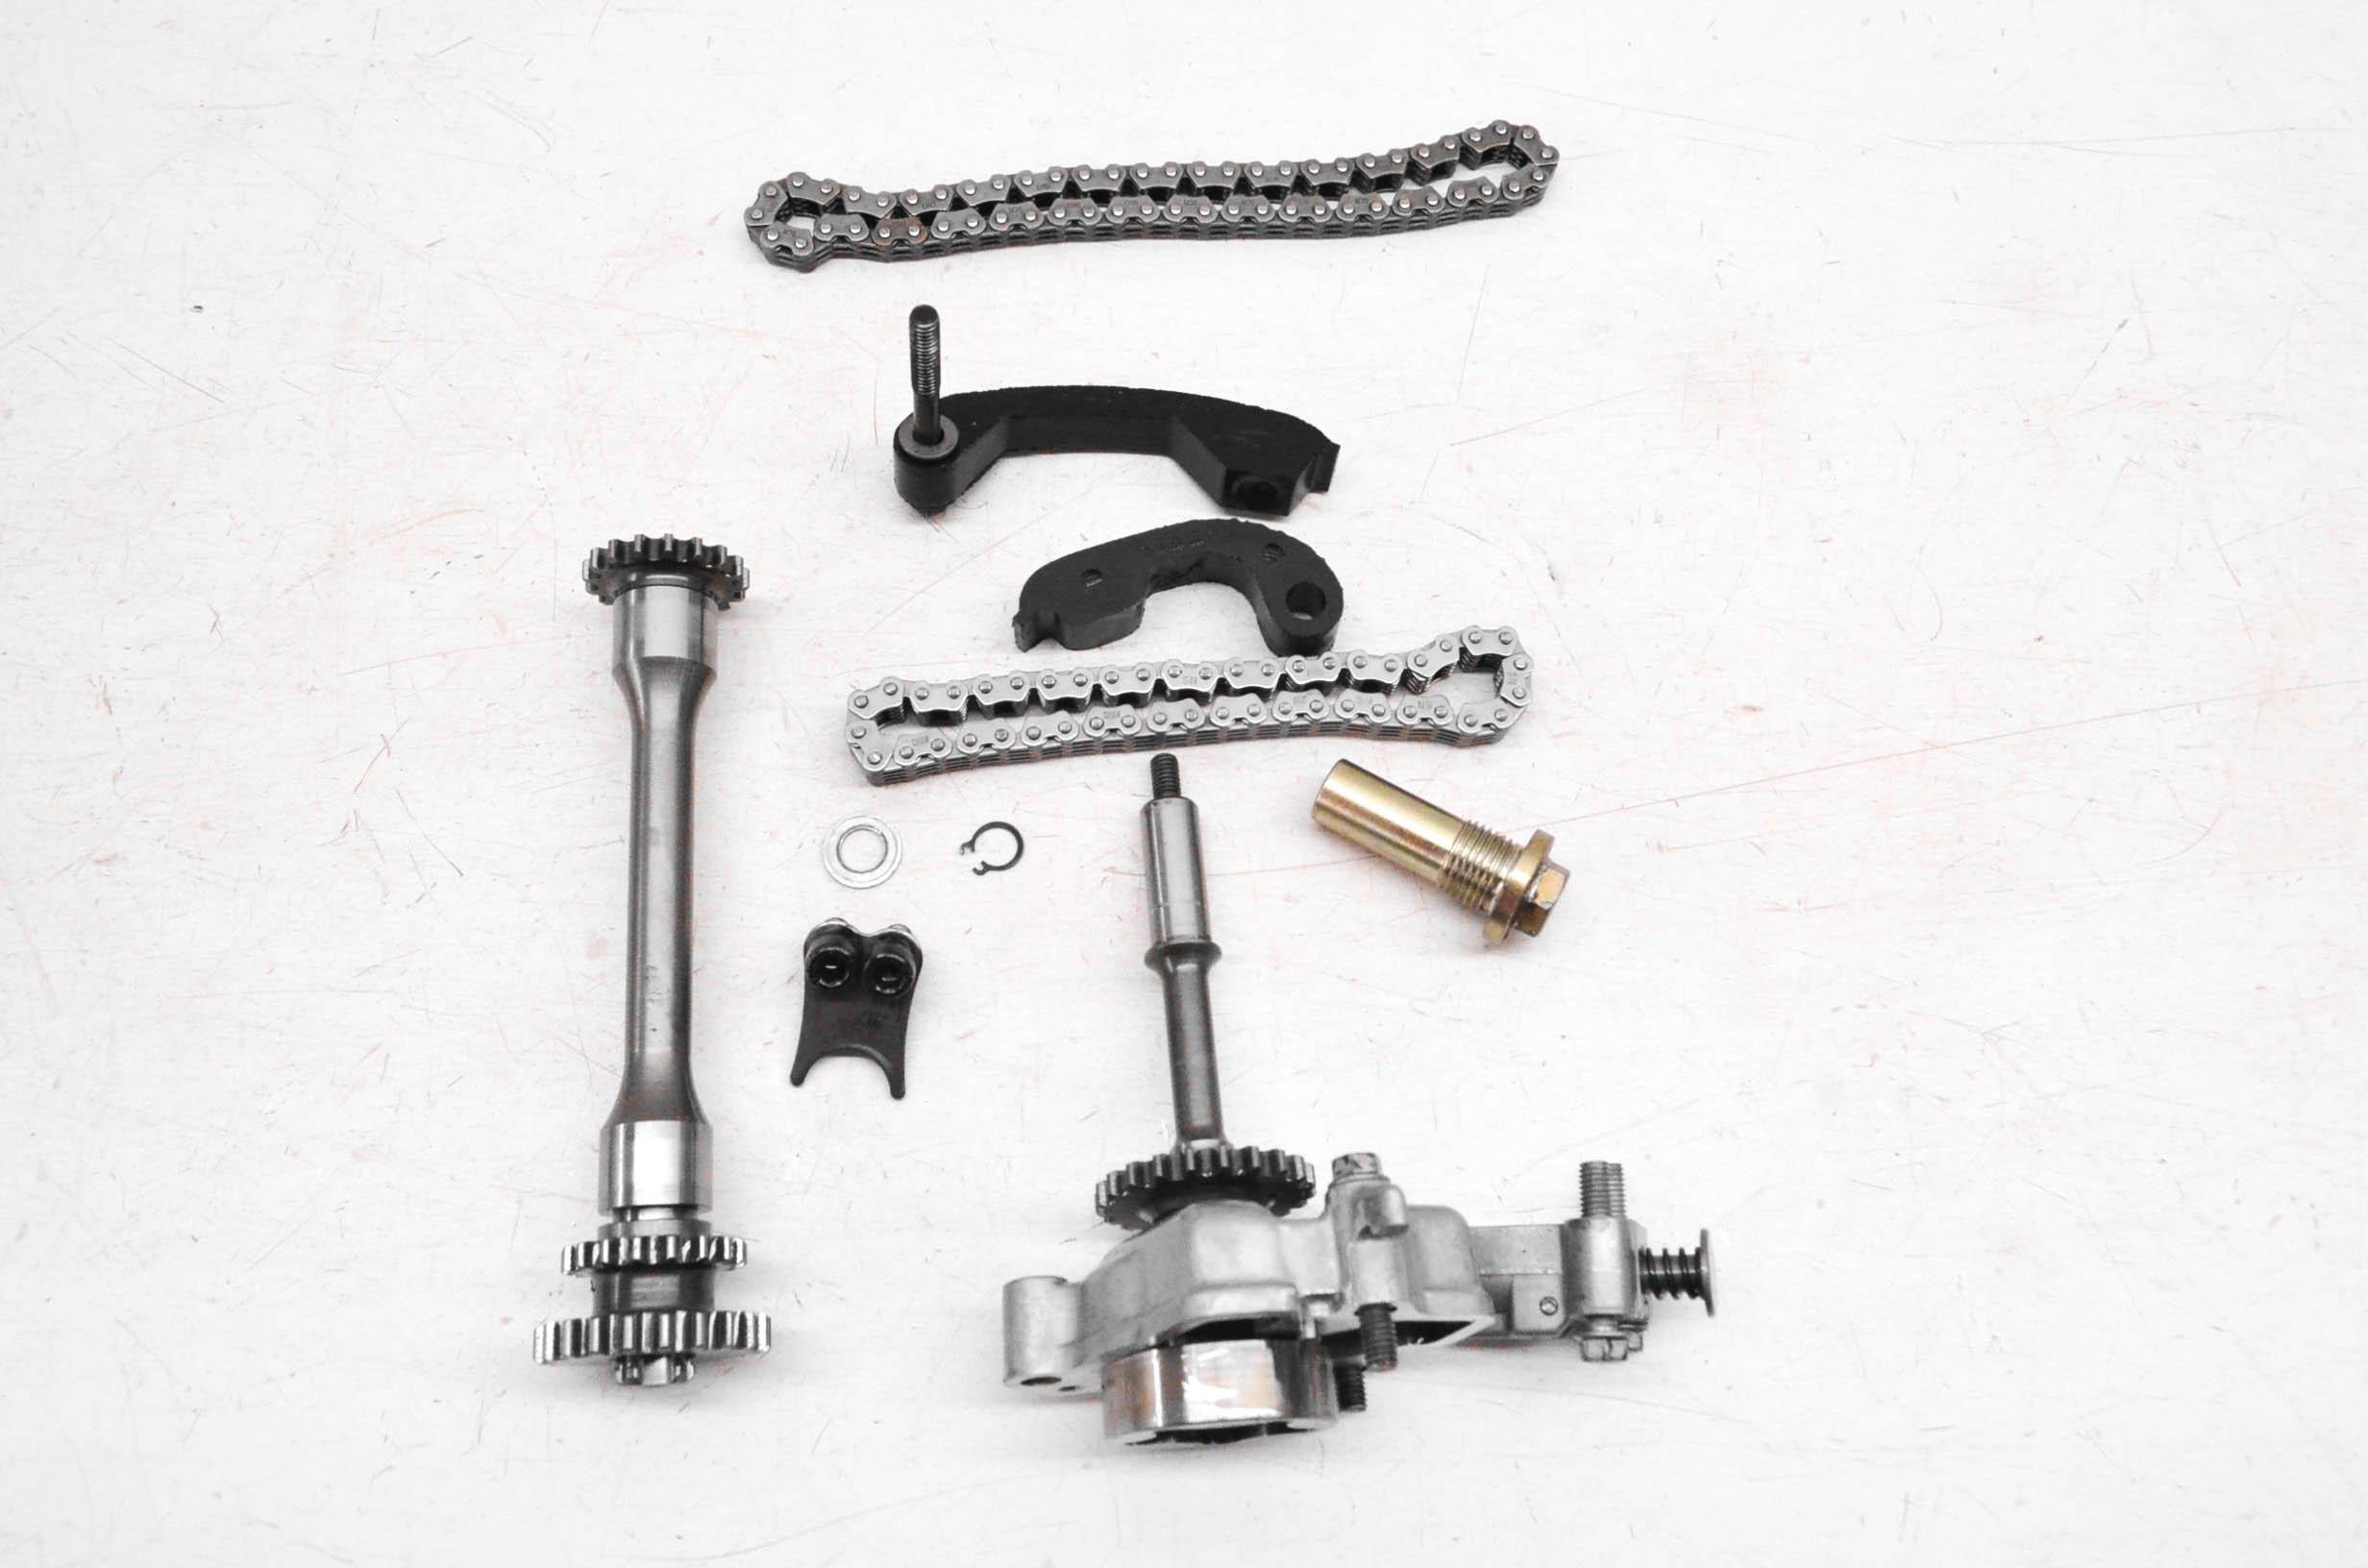 05 Kawasaki Brute Force 650 4x4 Oil Pump Chain Amp Guides